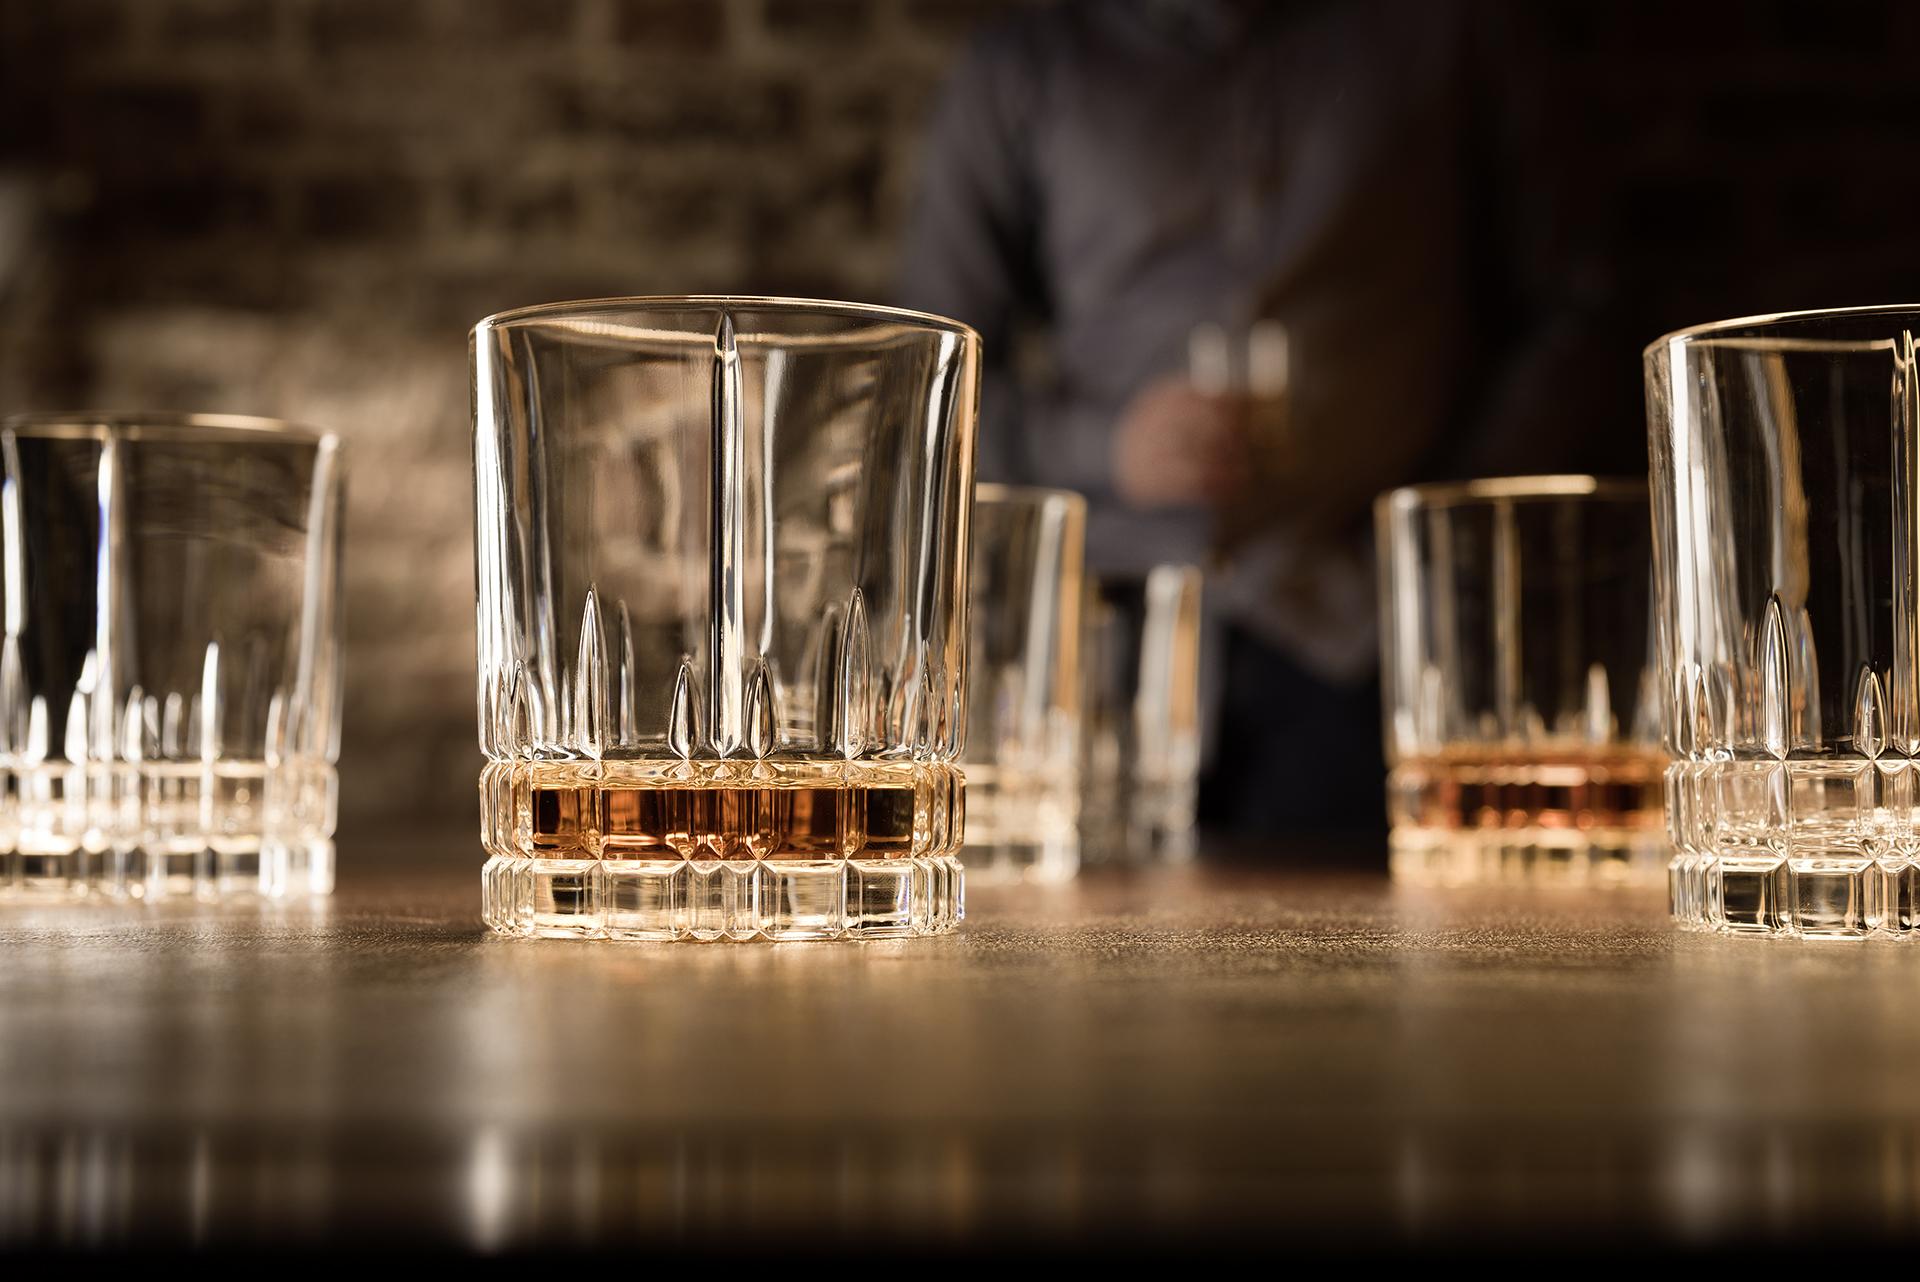 Werbefotografie Fotostudio Oberfranken Teilweise gefüllte Whiskeygläser der Spiegelau Perfect Serve Collection by Stephan Hinz auf Bartresen. Feigefotodesign